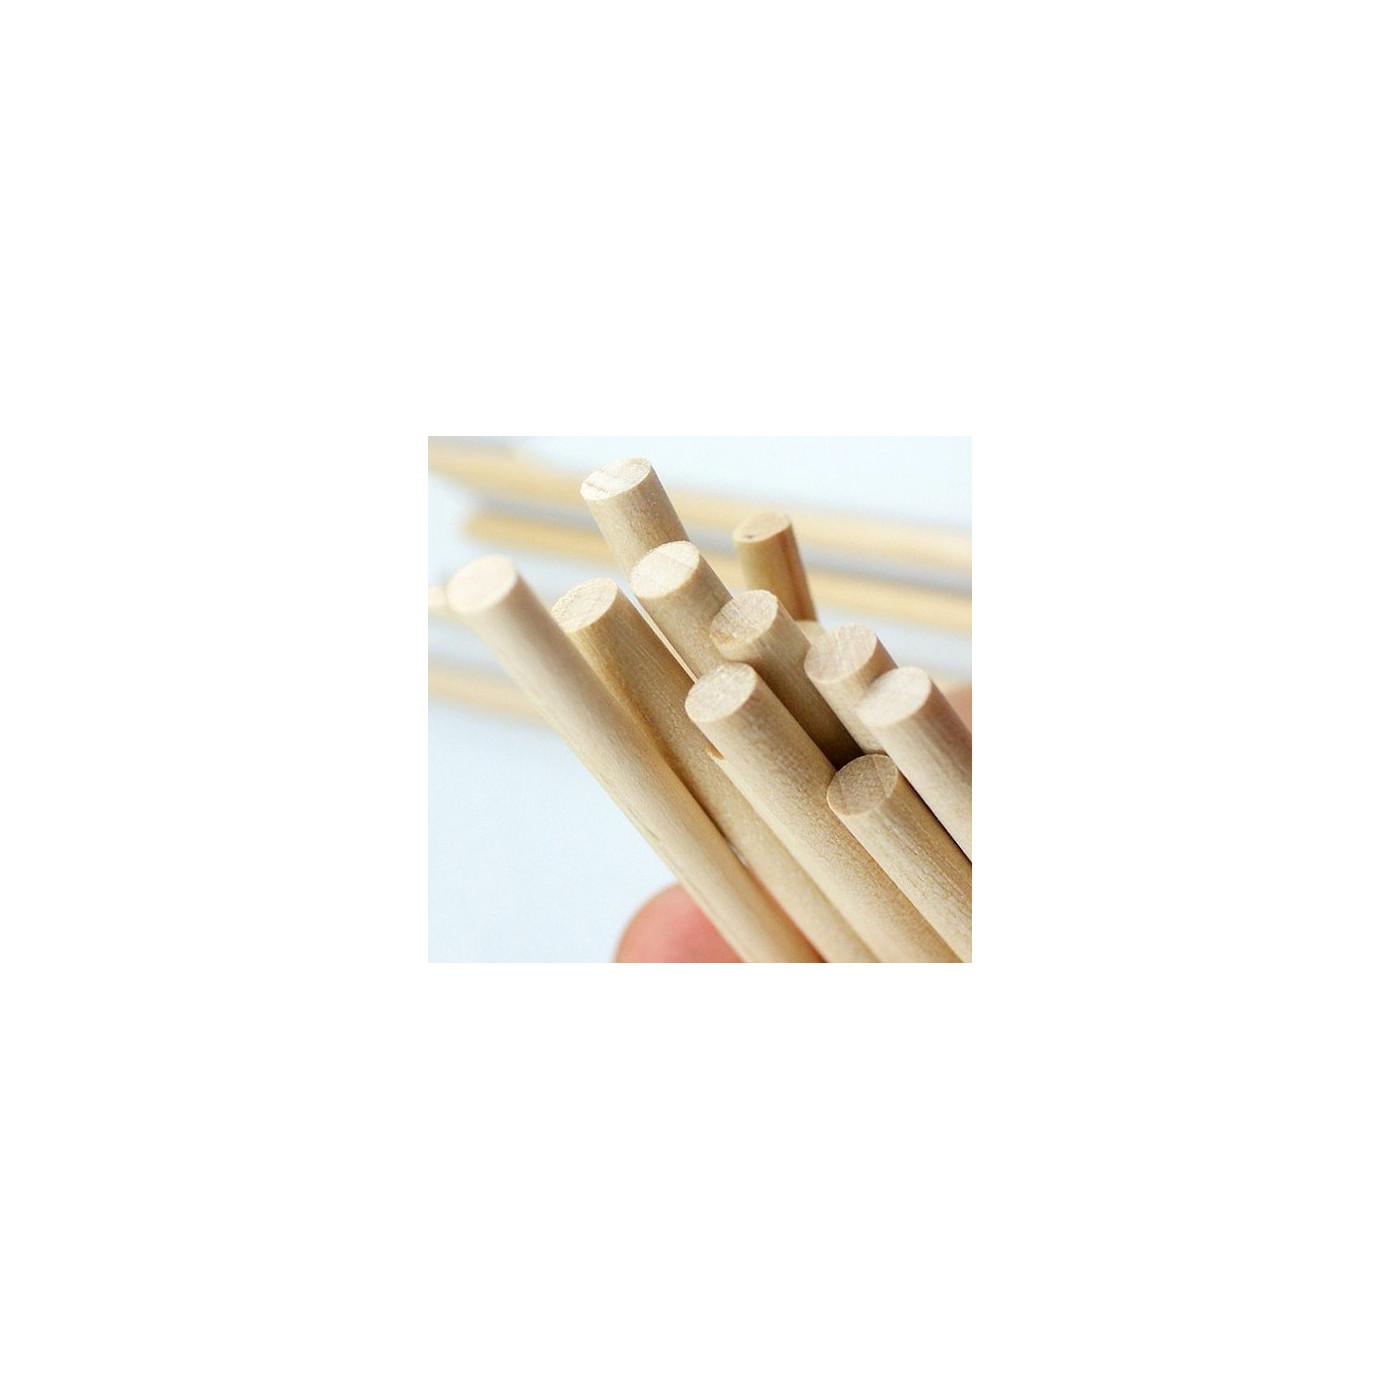 Set van 400 houten stokjes (11 cm lang, 5 mm dia, berkenhout)  - 1